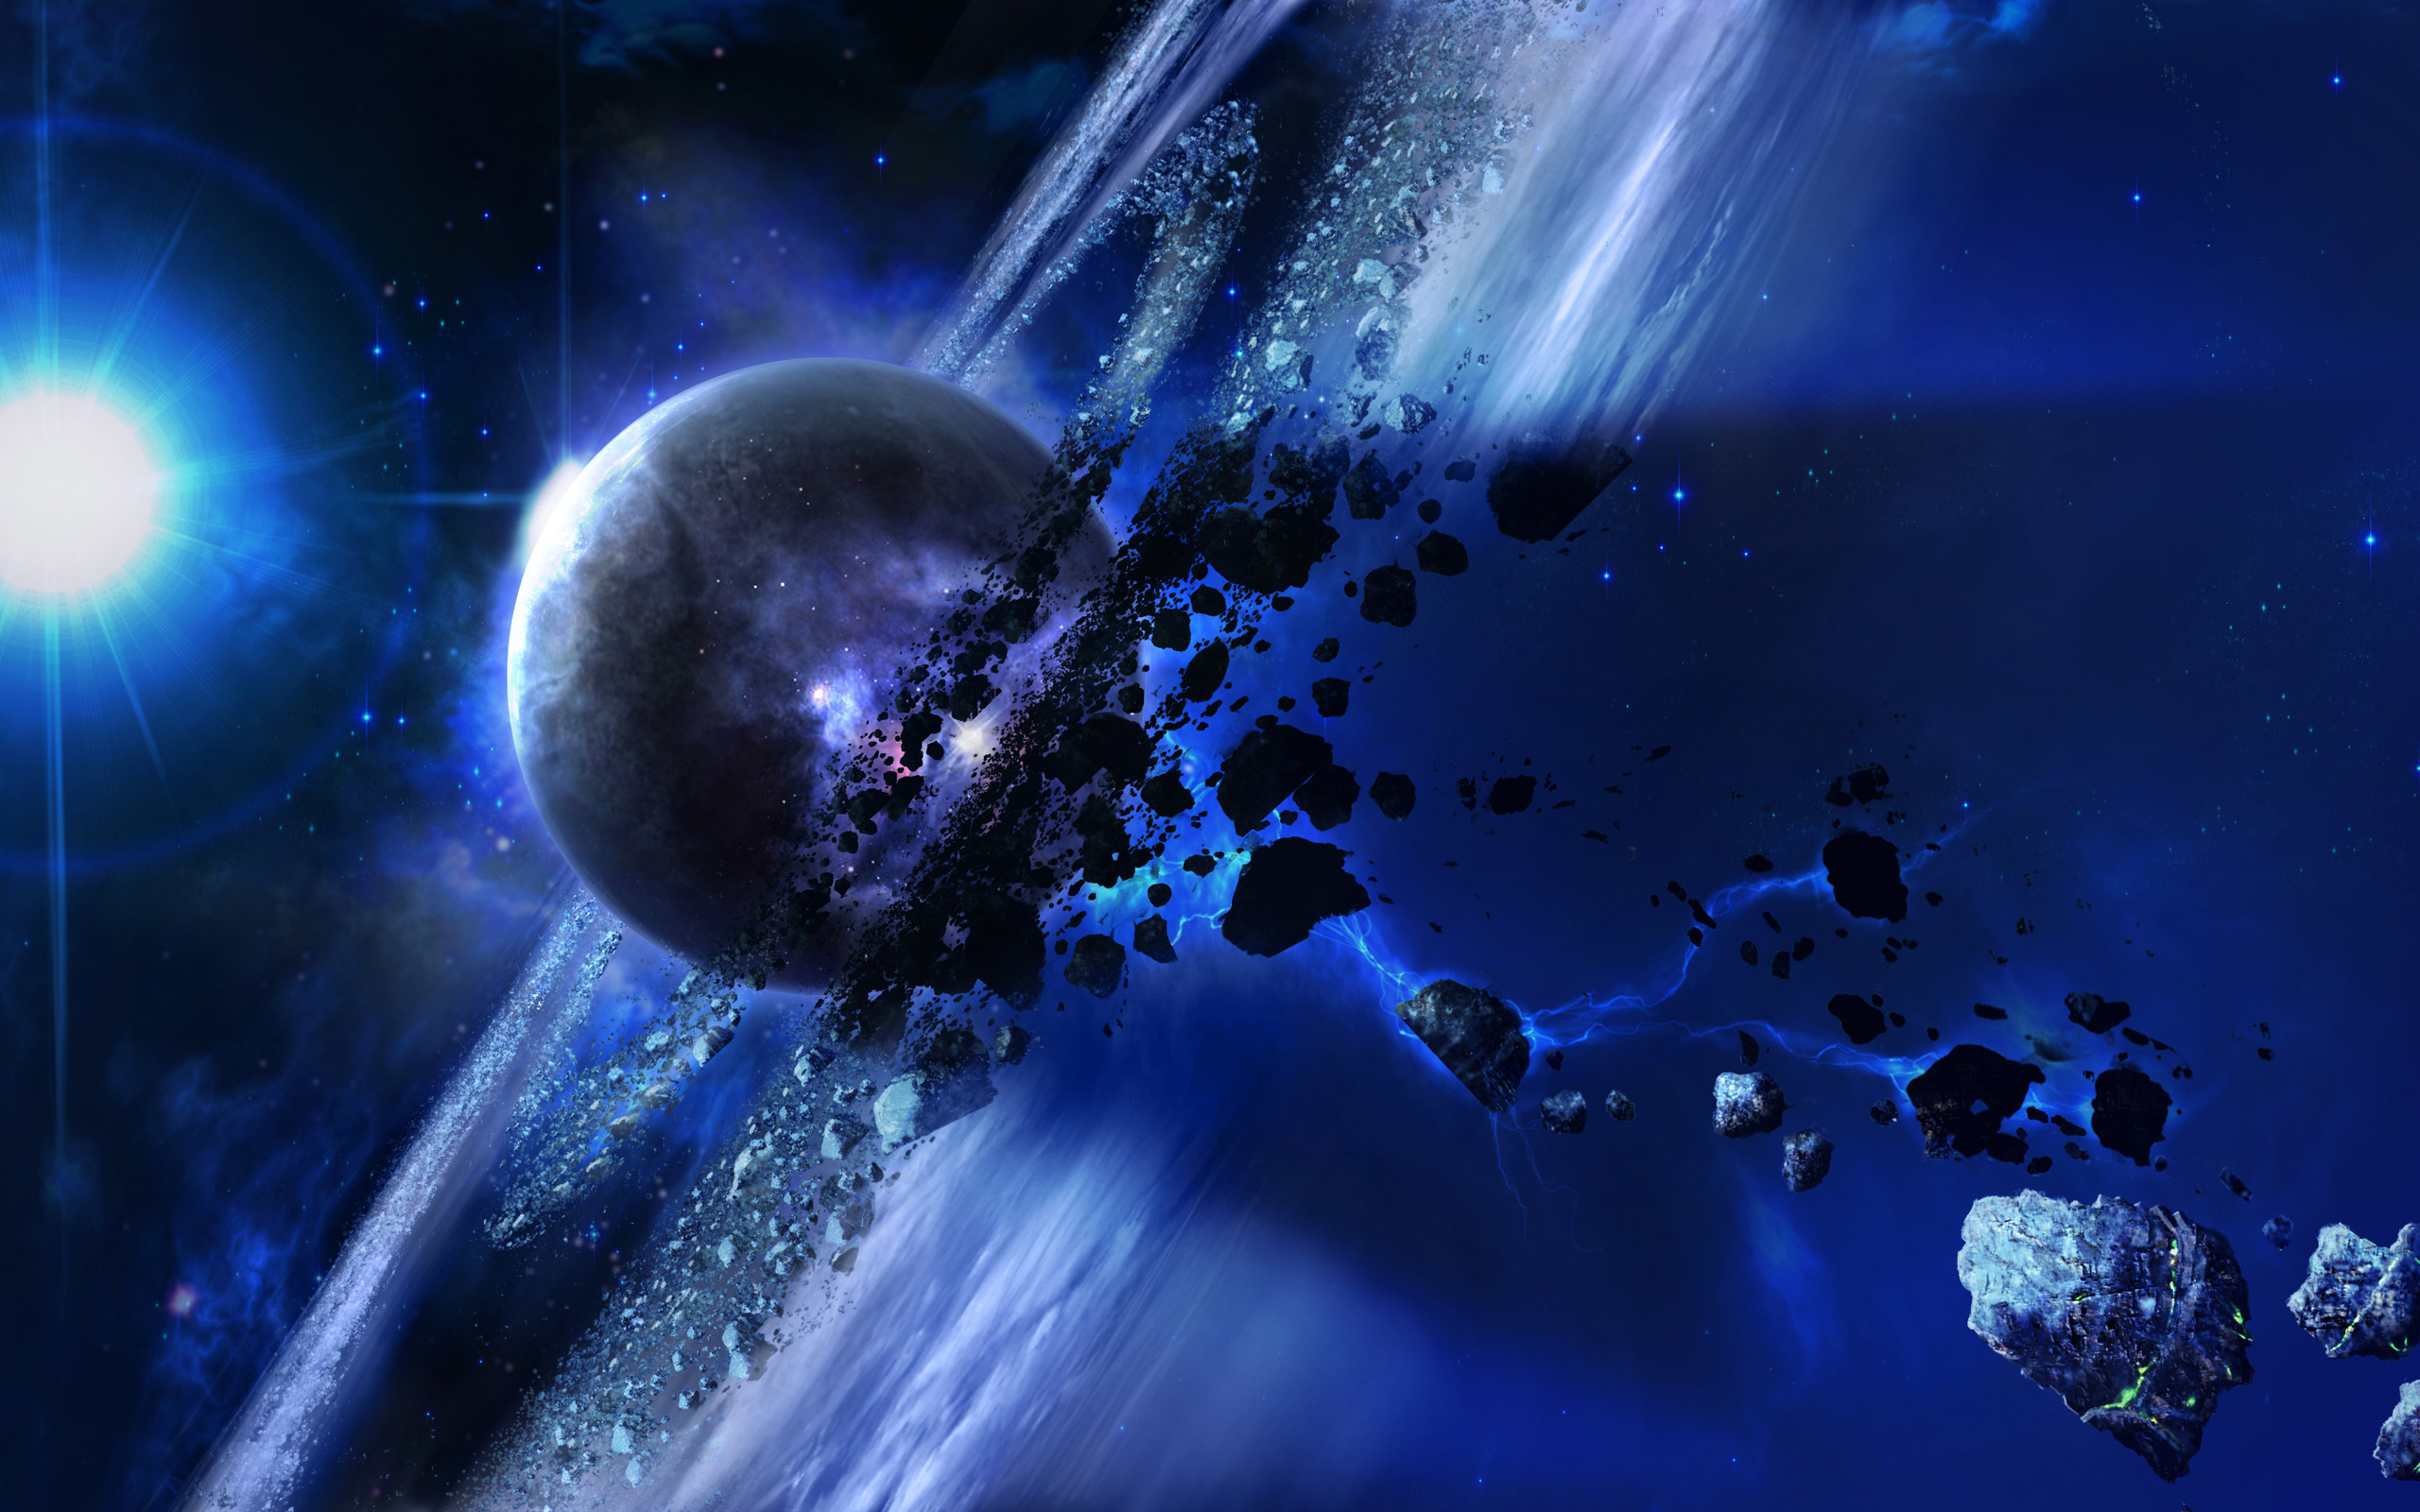 Обои галактика космос свет картинки на рабочий стол на тему Космос - скачать  № 1758553 бесплатно